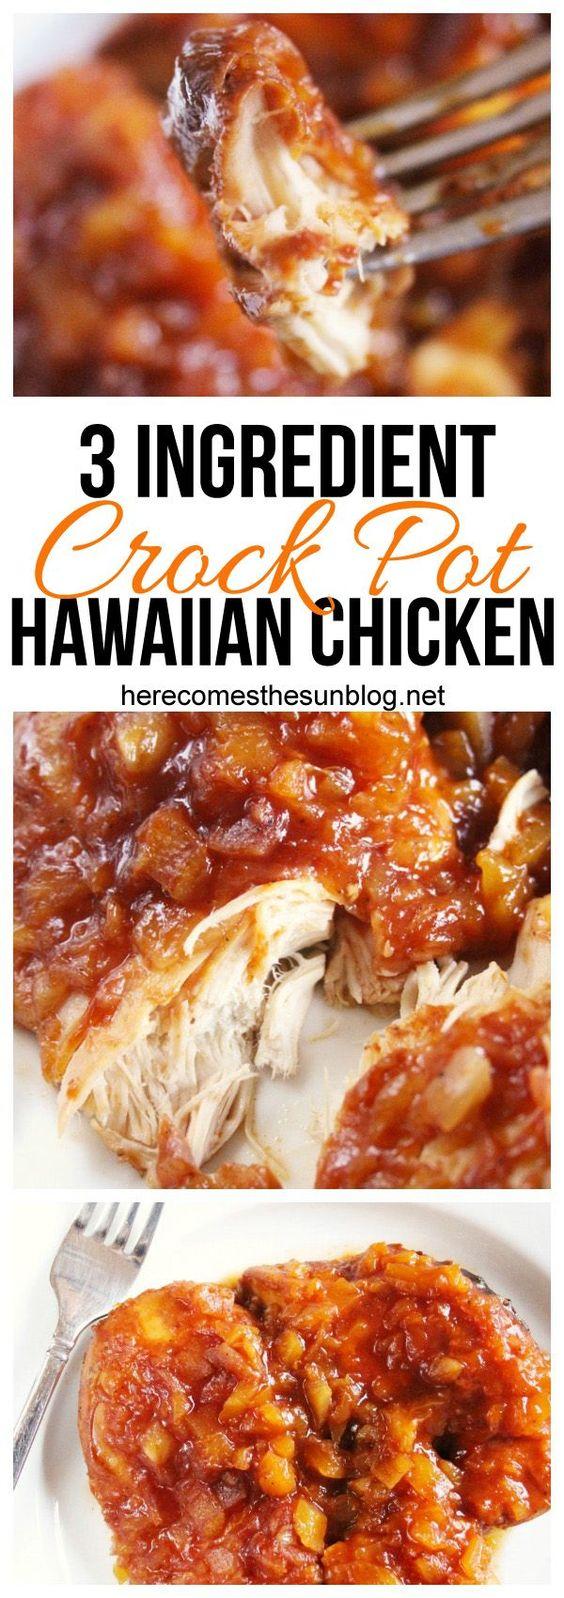 CROCK POT HAWAIIAN CHICKEN #crockpot #hawaiian #chicken #chickenrecipes #tasty #tastyrecipes #deliciousrecipes #deliciousfood